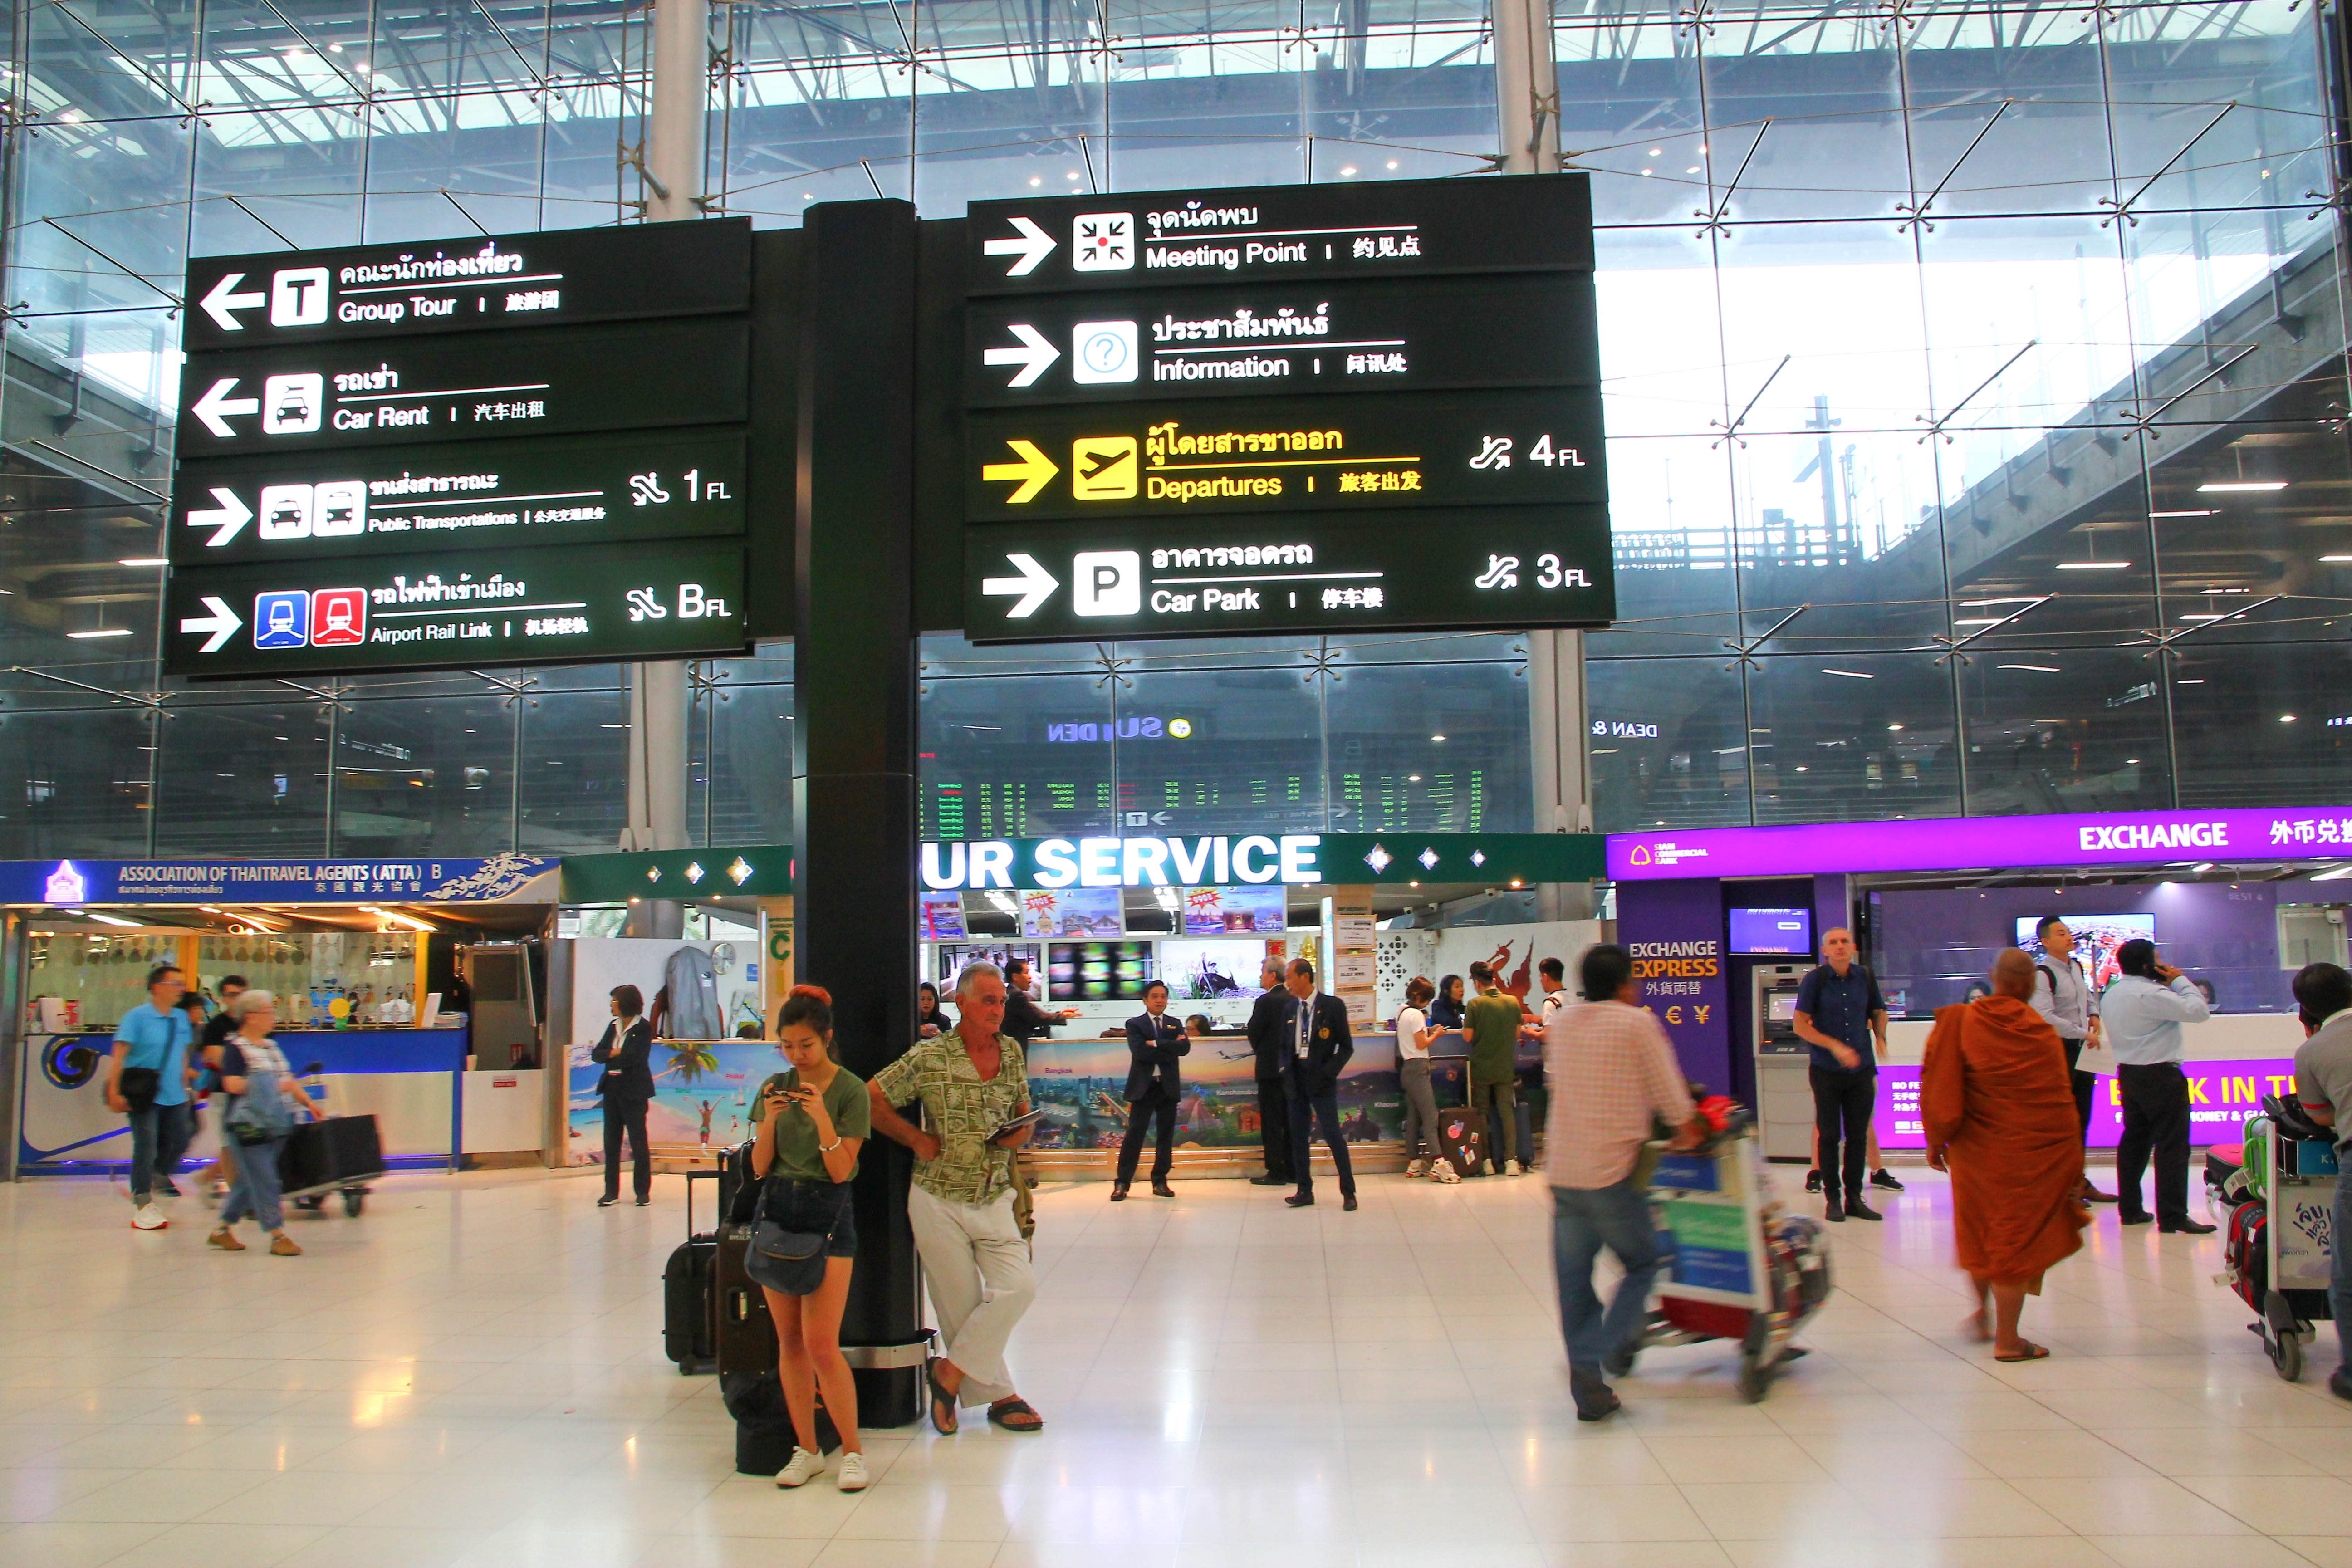 曼谷機場是個交通繁忙的地方。攝影:Rex。